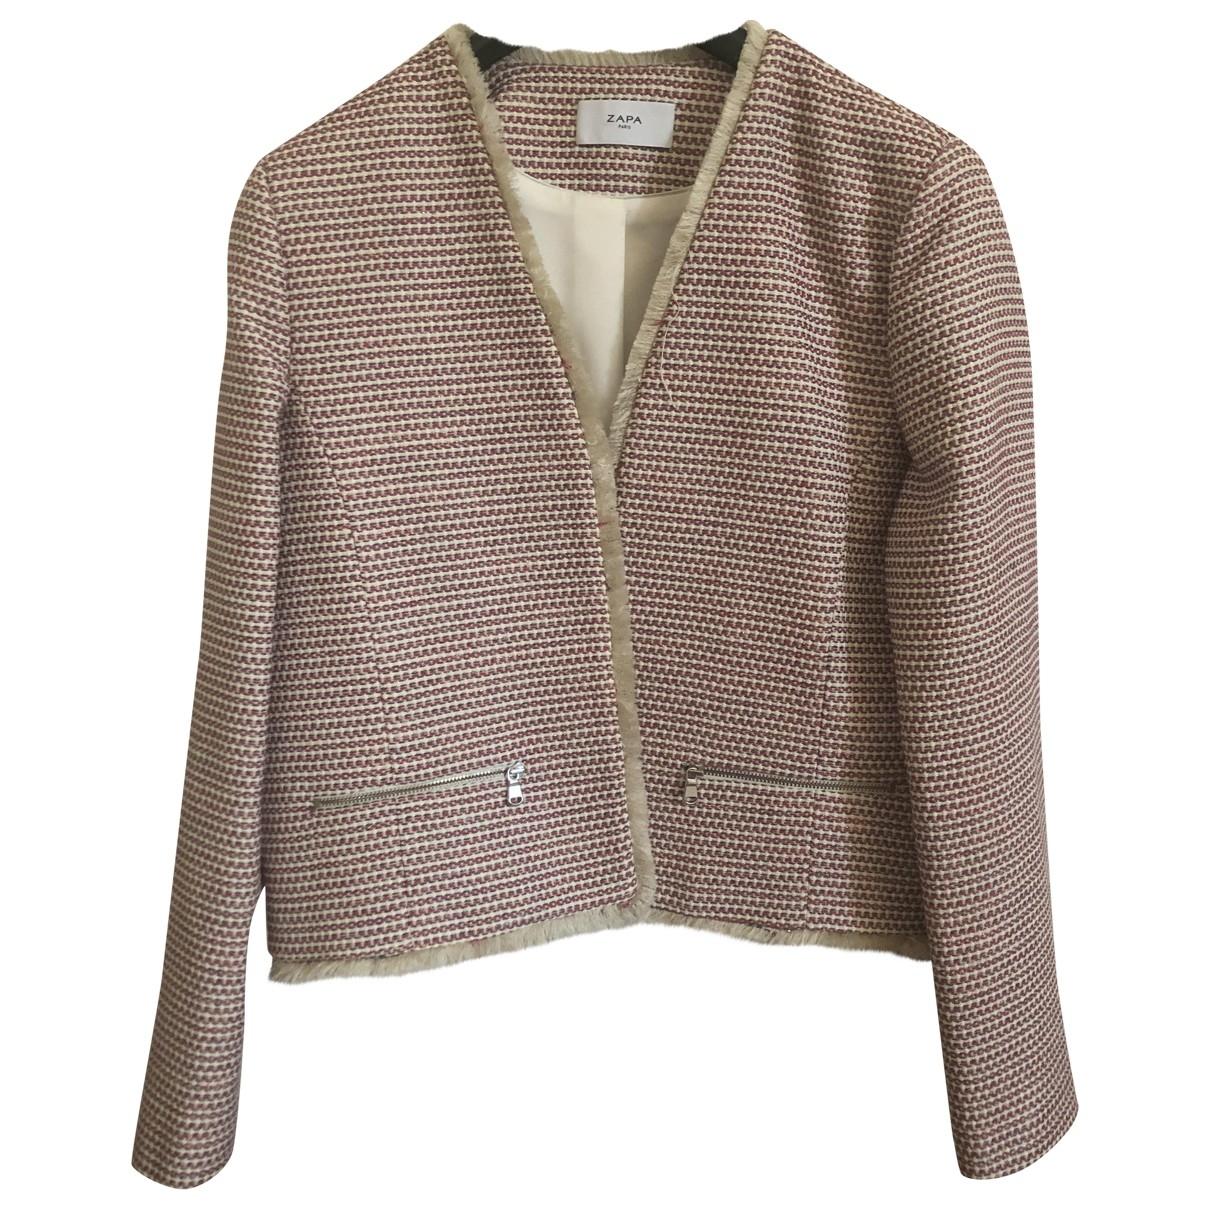 Zapa - Veste   pour femme en coton - multicolore